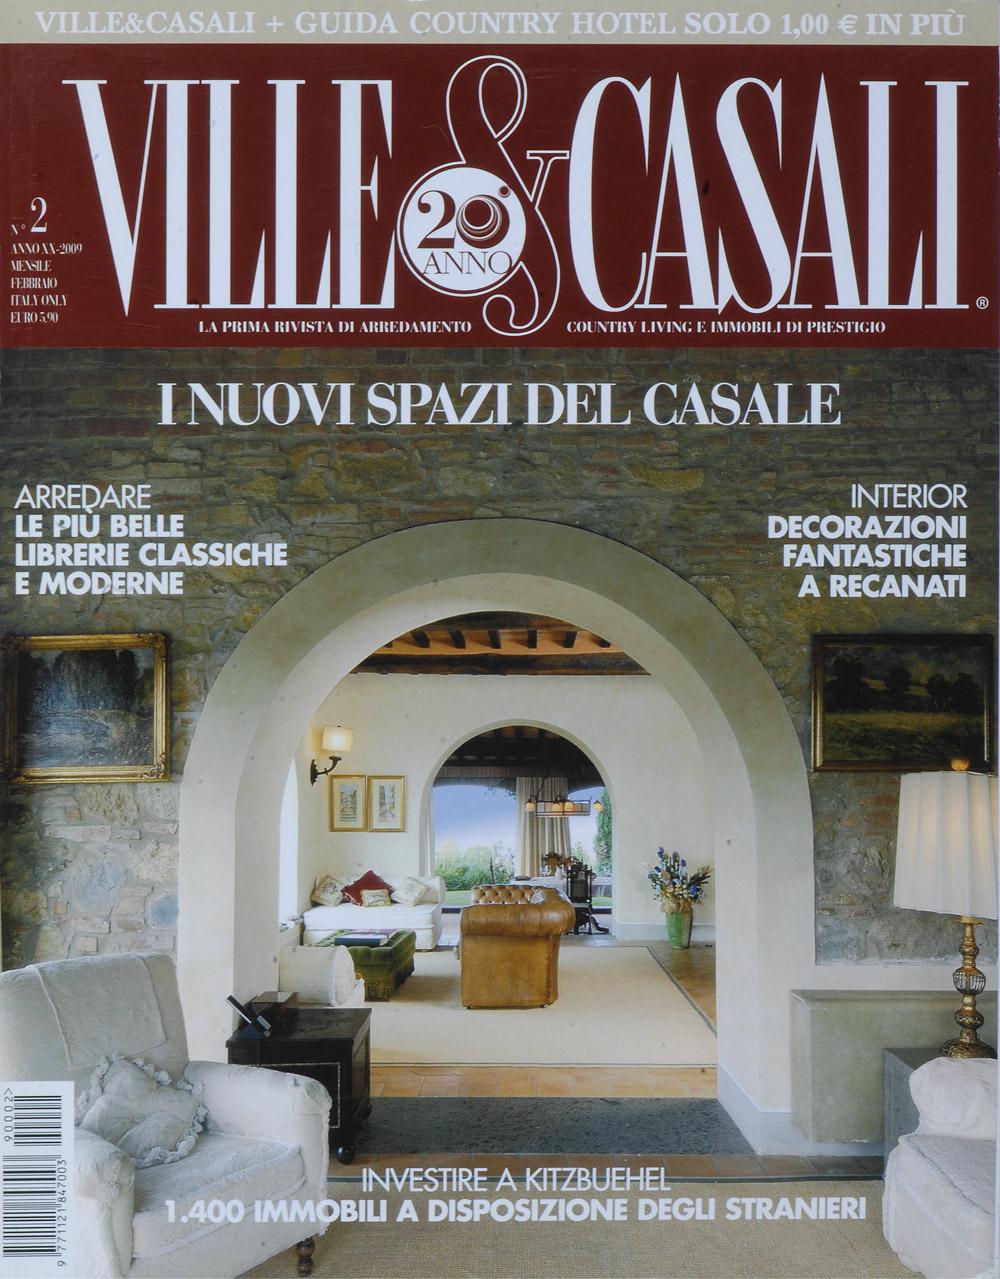 Ville e Csali Magazine Cover